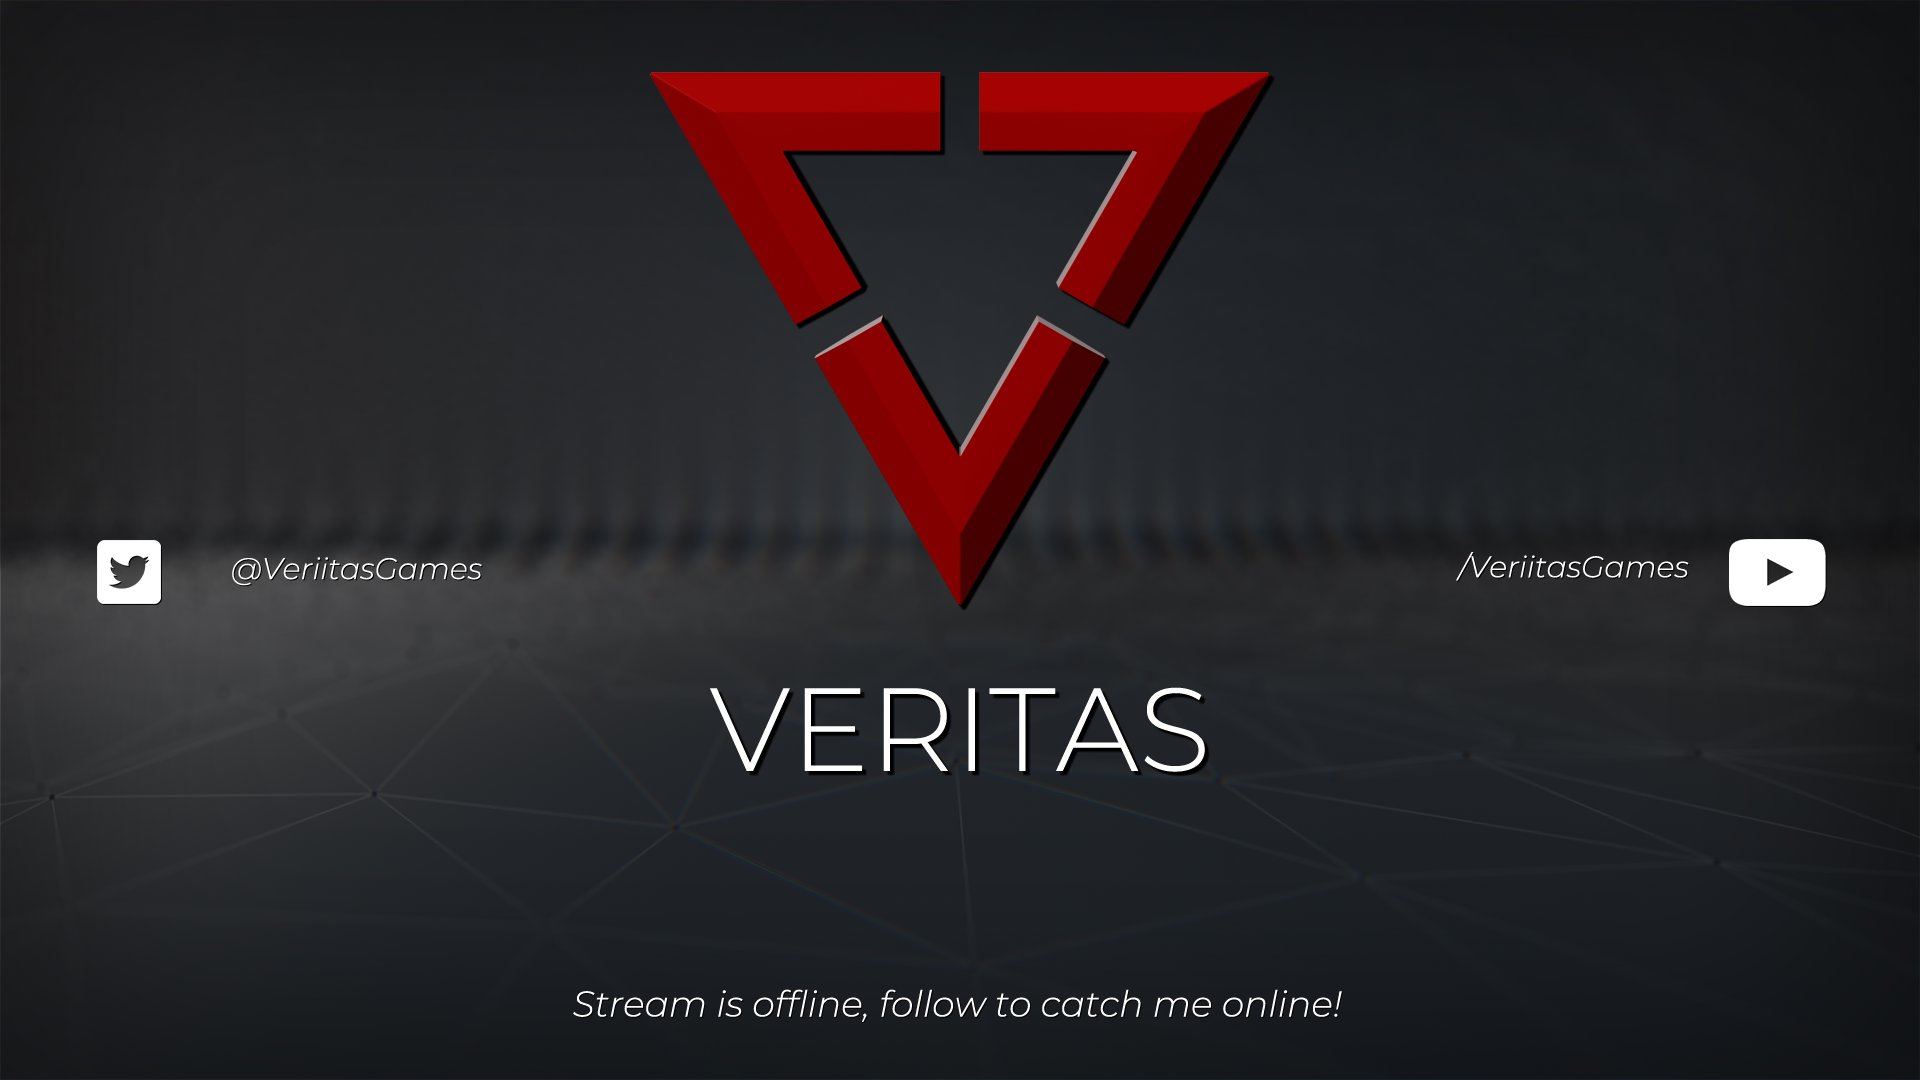 Twitch stream of Veritas